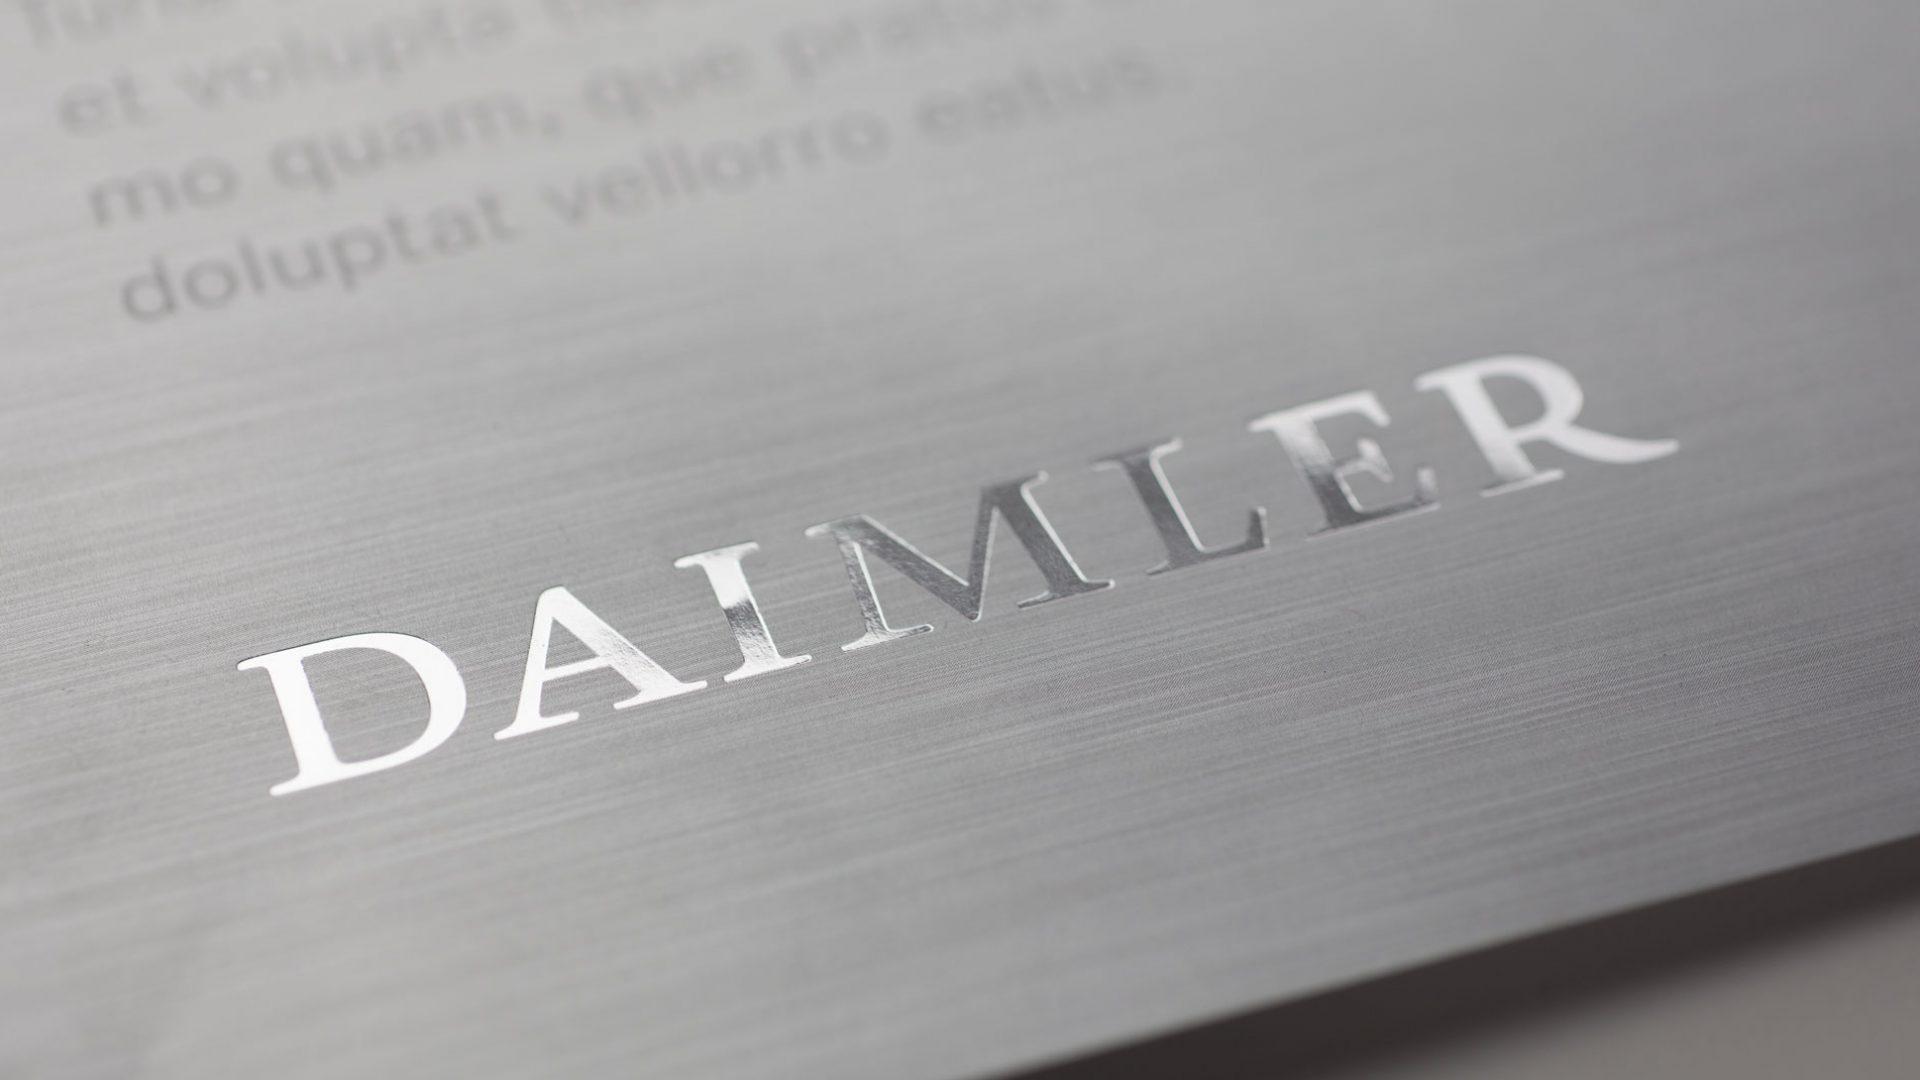 Der Daimler Konzern mit silbernem Corporate Design - Mit der neuen Unternehmensfarbe Silber bringt Daimler seinen Führungsanspruch – Wegbereiter für die Zukunft der Mobilität zu sein – visuell auf den Punkt.